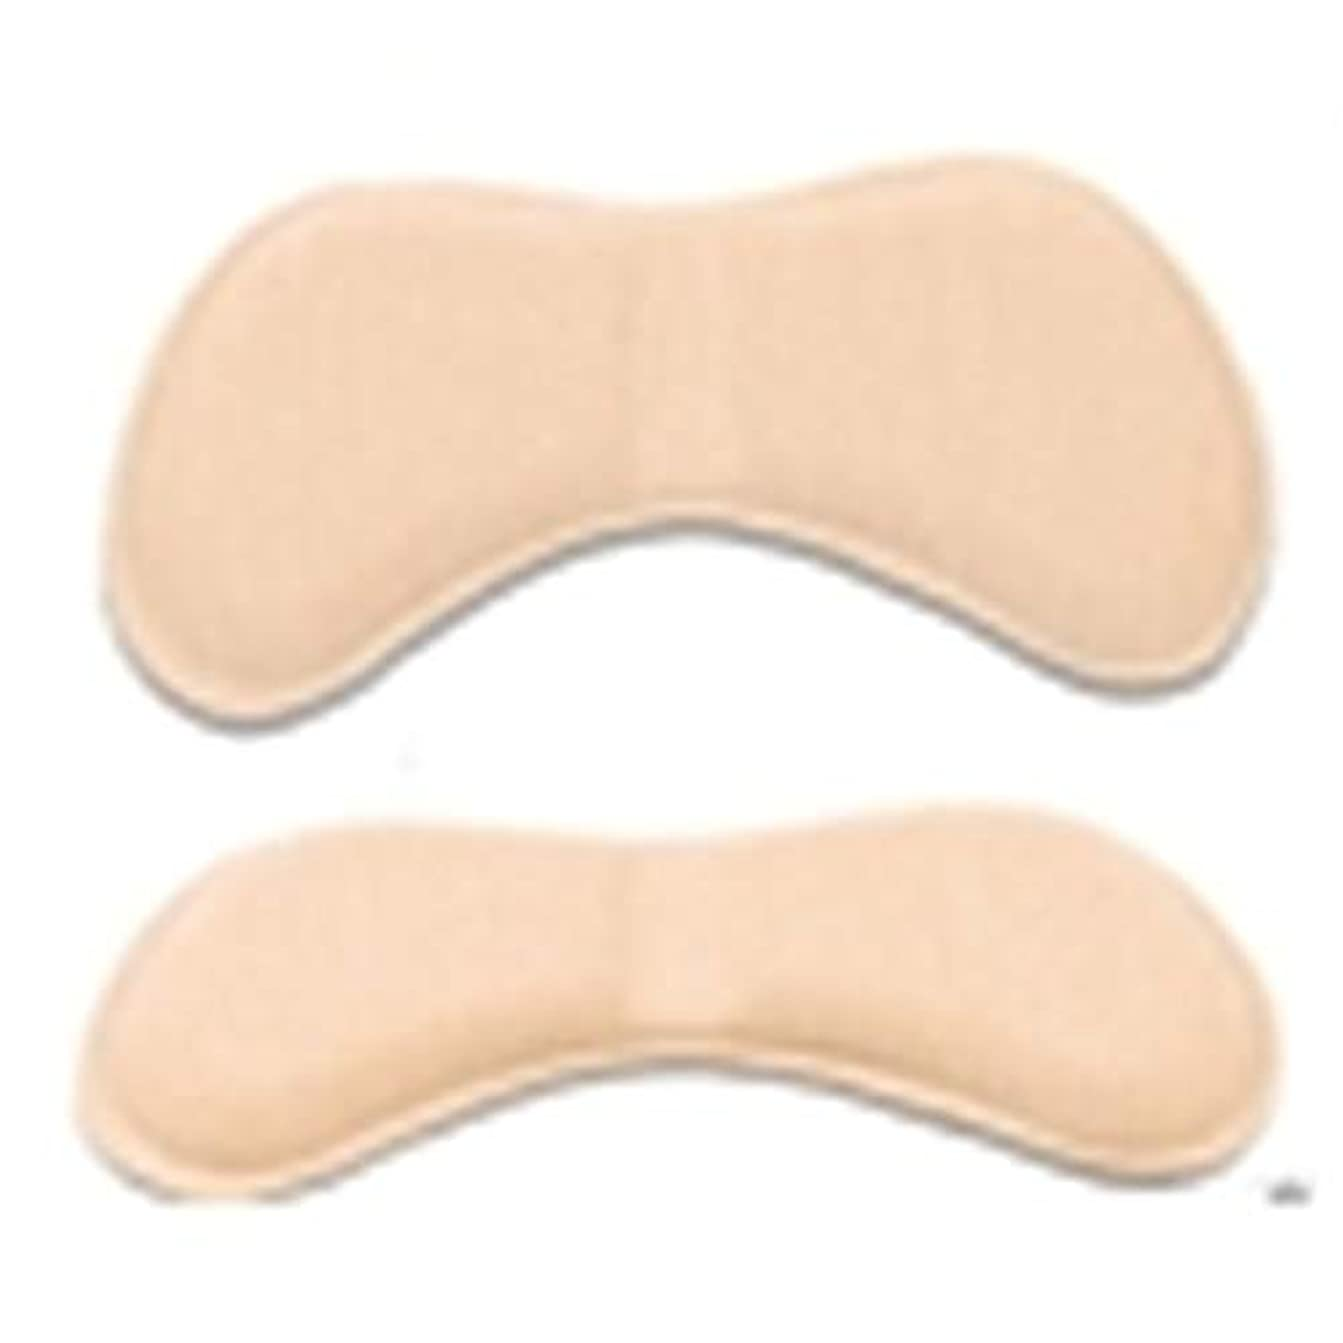 申し立て防ぐ第足裏保護パッド パカパカ防止 靴ずれ防止 かかとパッド 靴かかと保護パッド かかと半コードパッド 5ペア